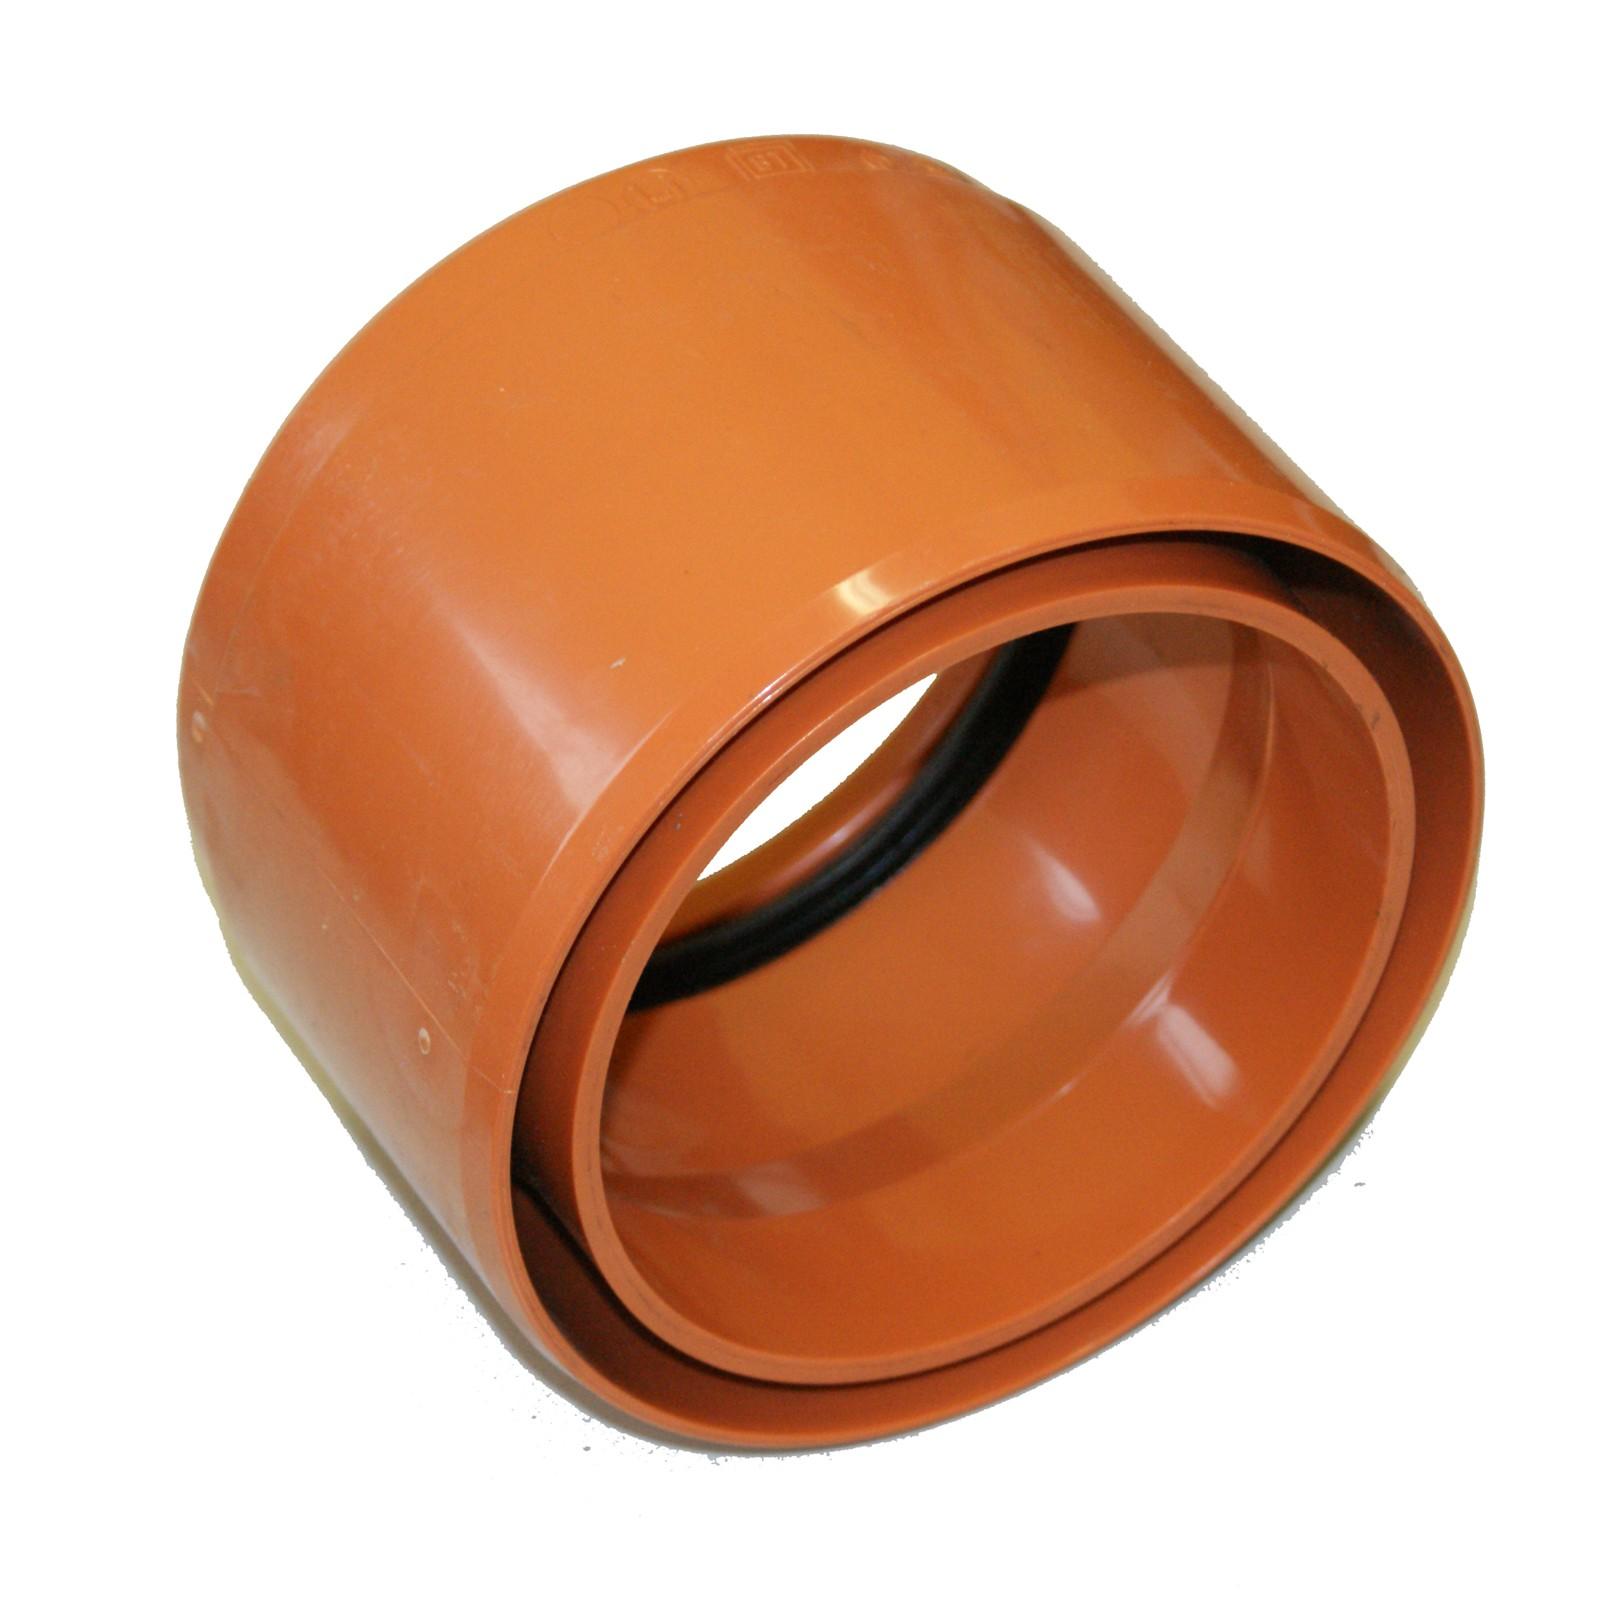 Ubersicht Kg Rohre Durchmesser Masse Und Abmessungen